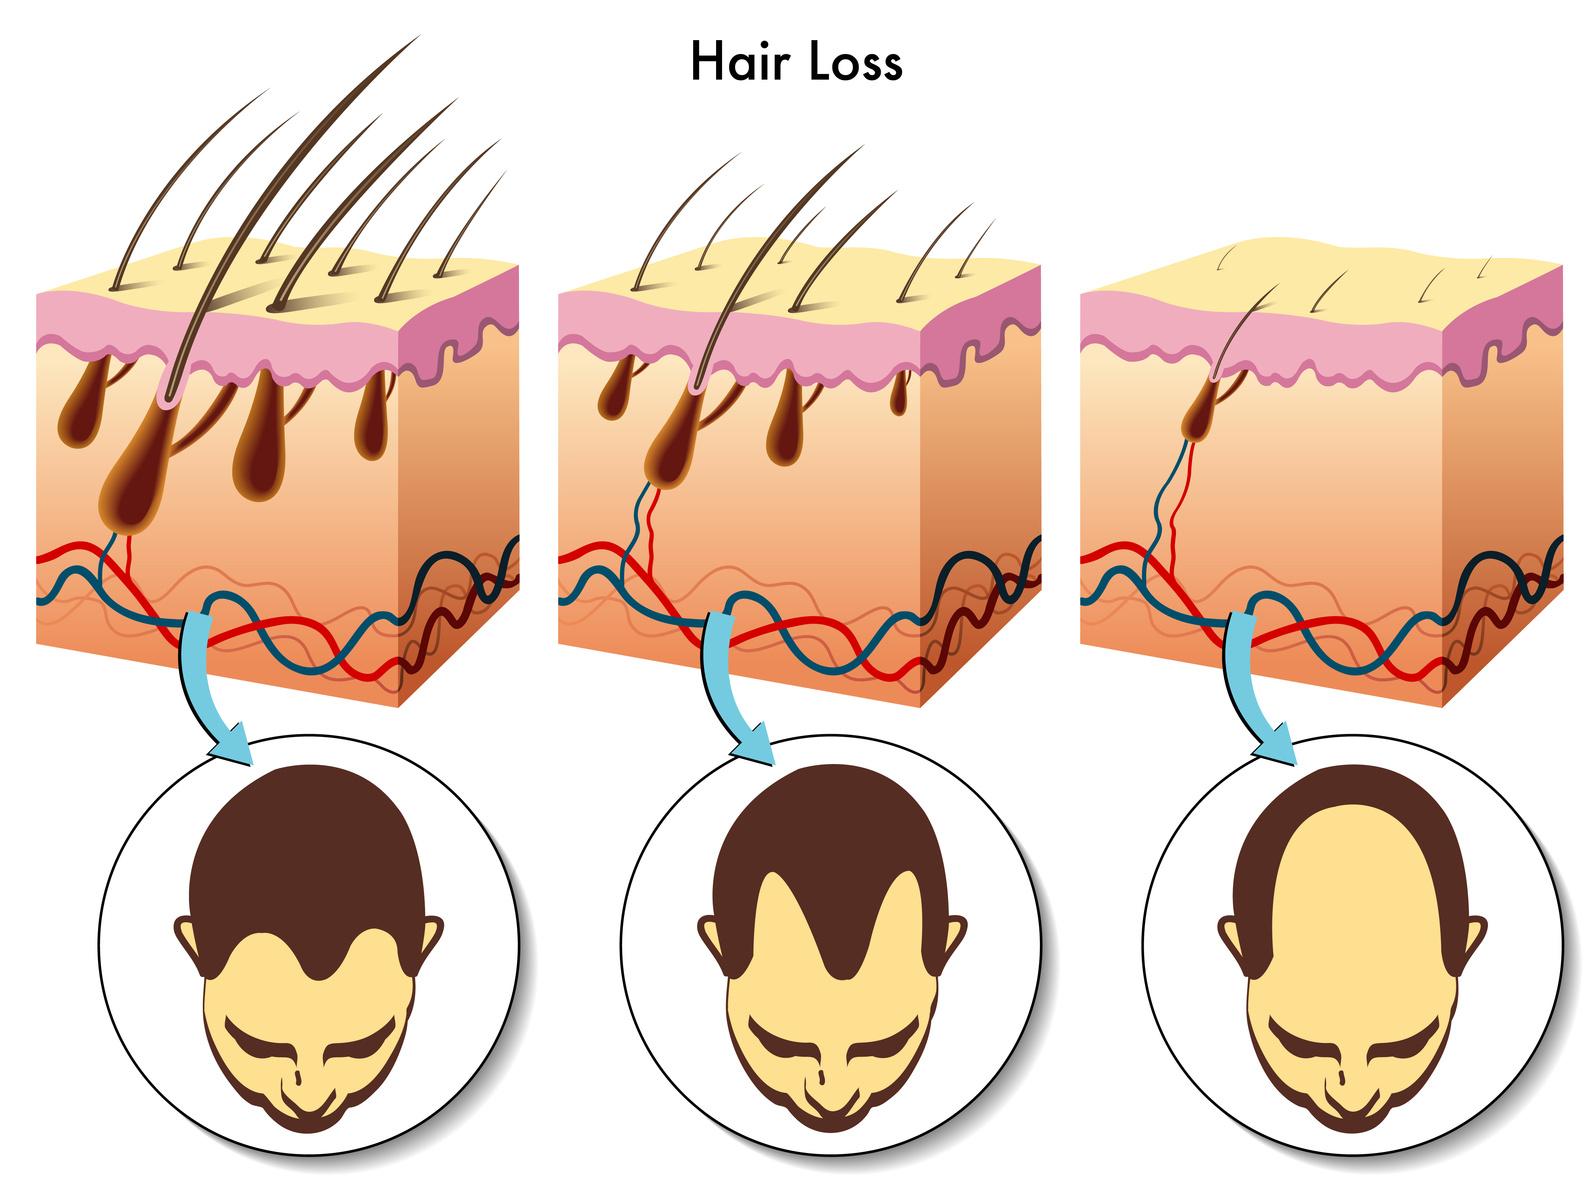 Fakta o vypadávání vlasů. Co můžeme změnit?